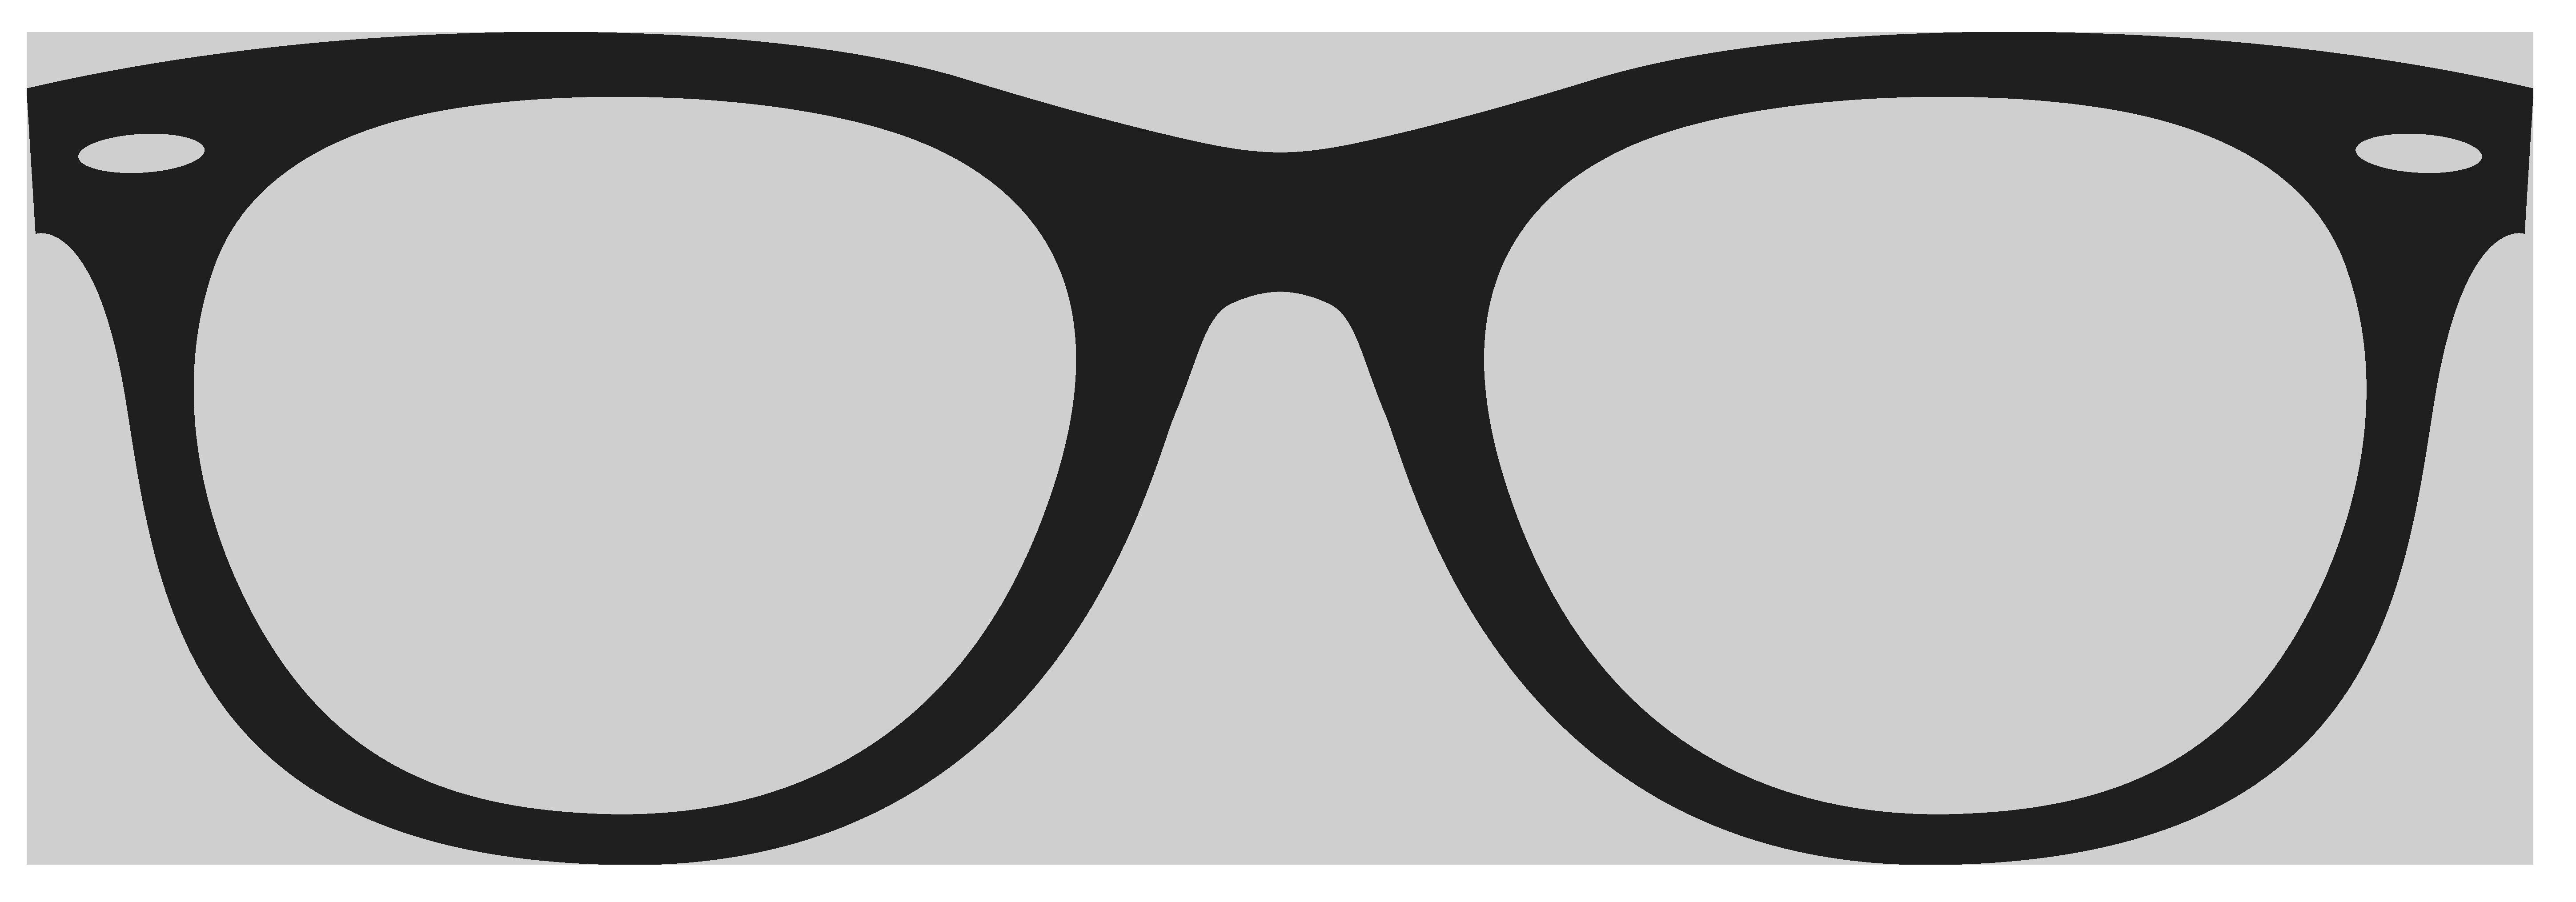 Glasses HD PNG - 96258